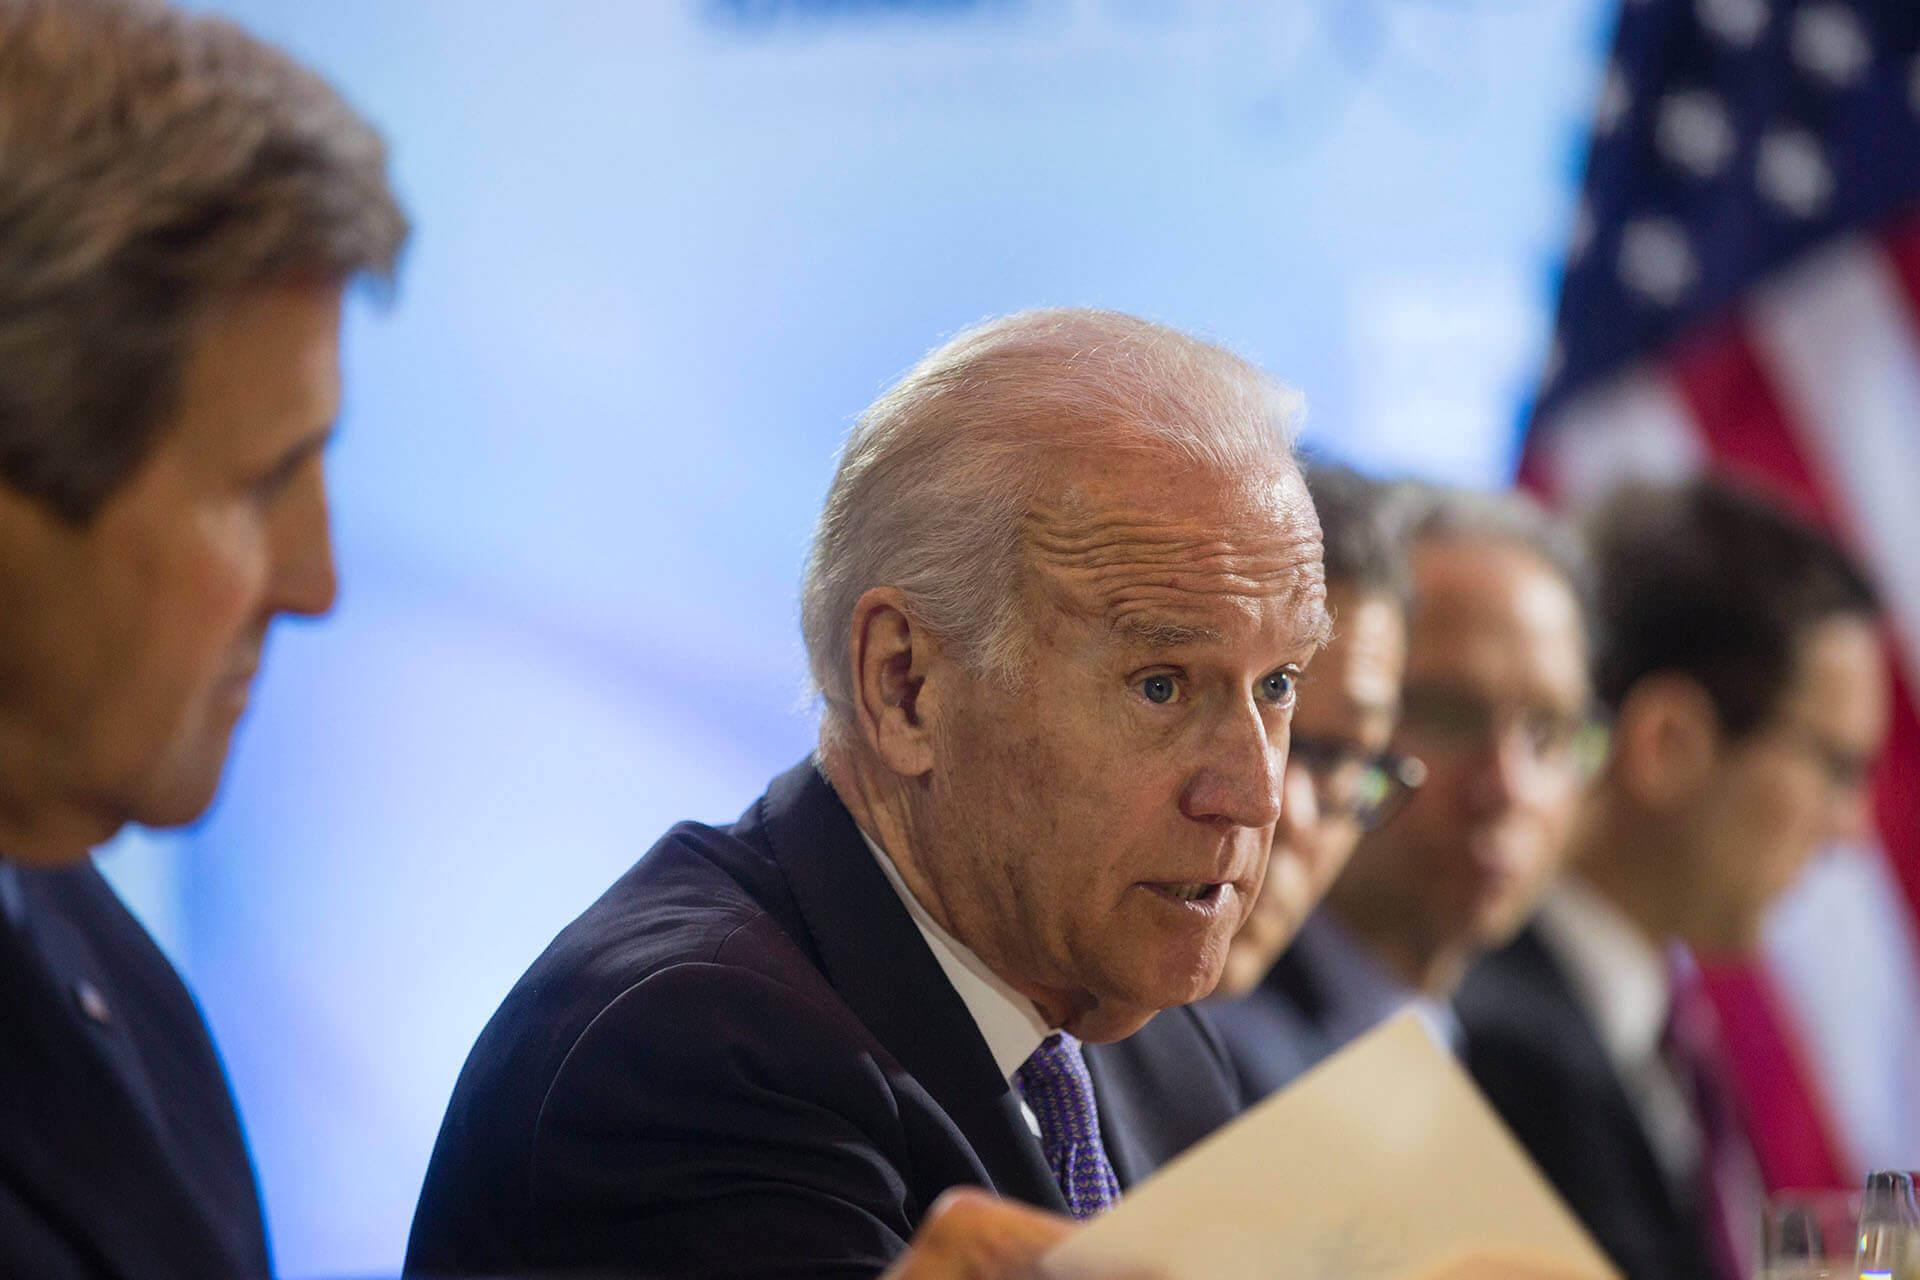 US: Biden Administration Orders ICE to Halt Worksite Arrests